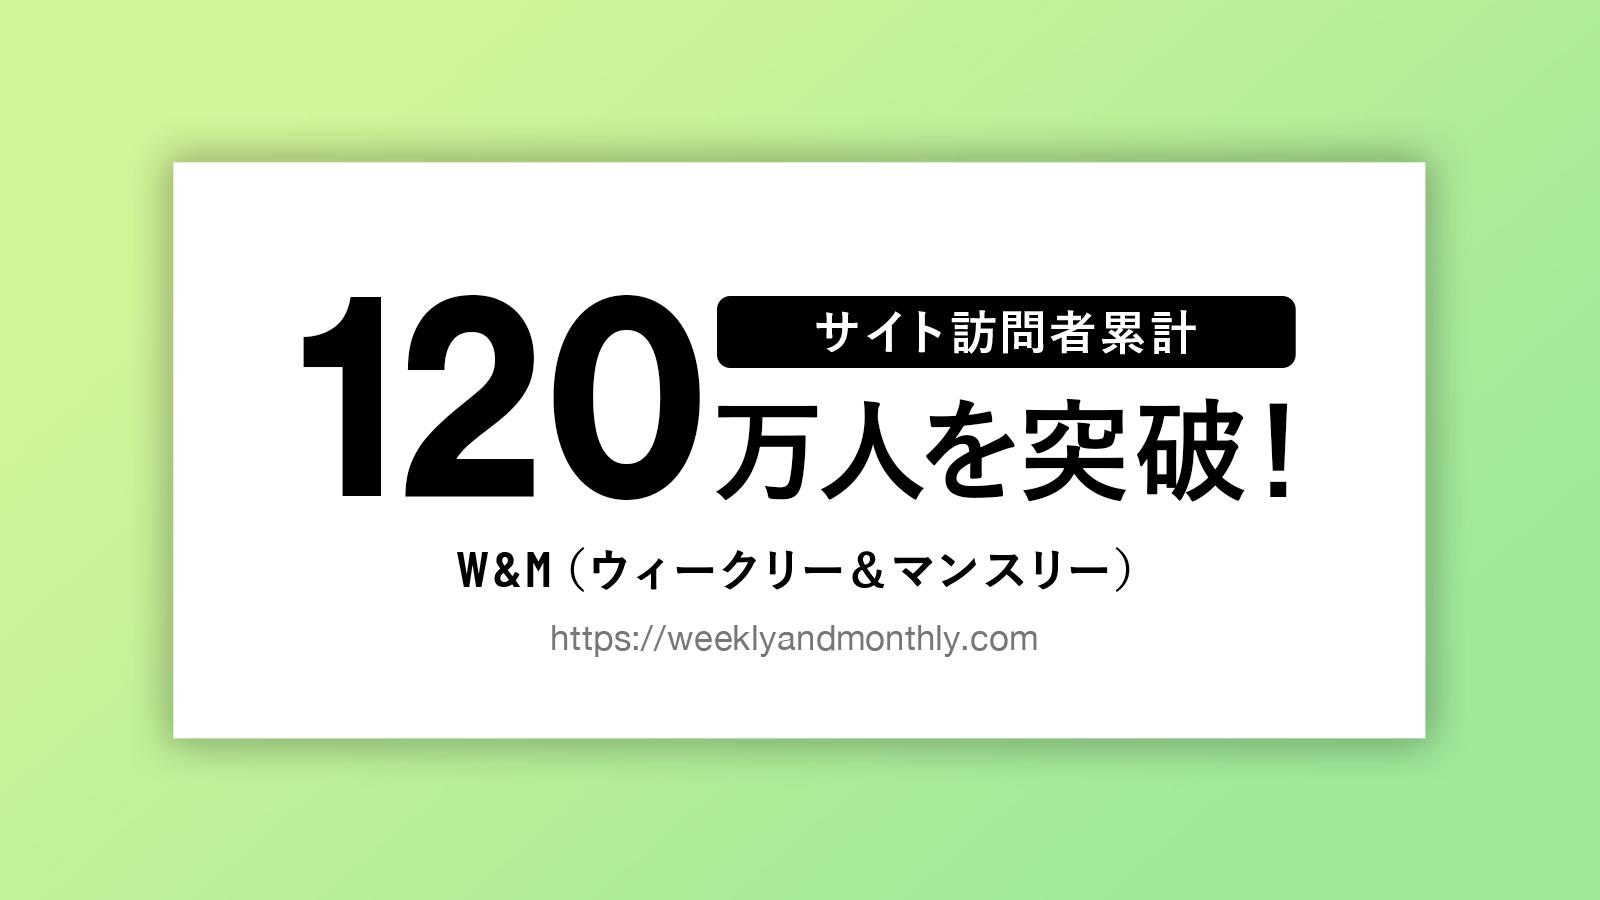 【PR】W&M(ウィークリー &マンスリー) サイト訪問者累計120万人を突破!